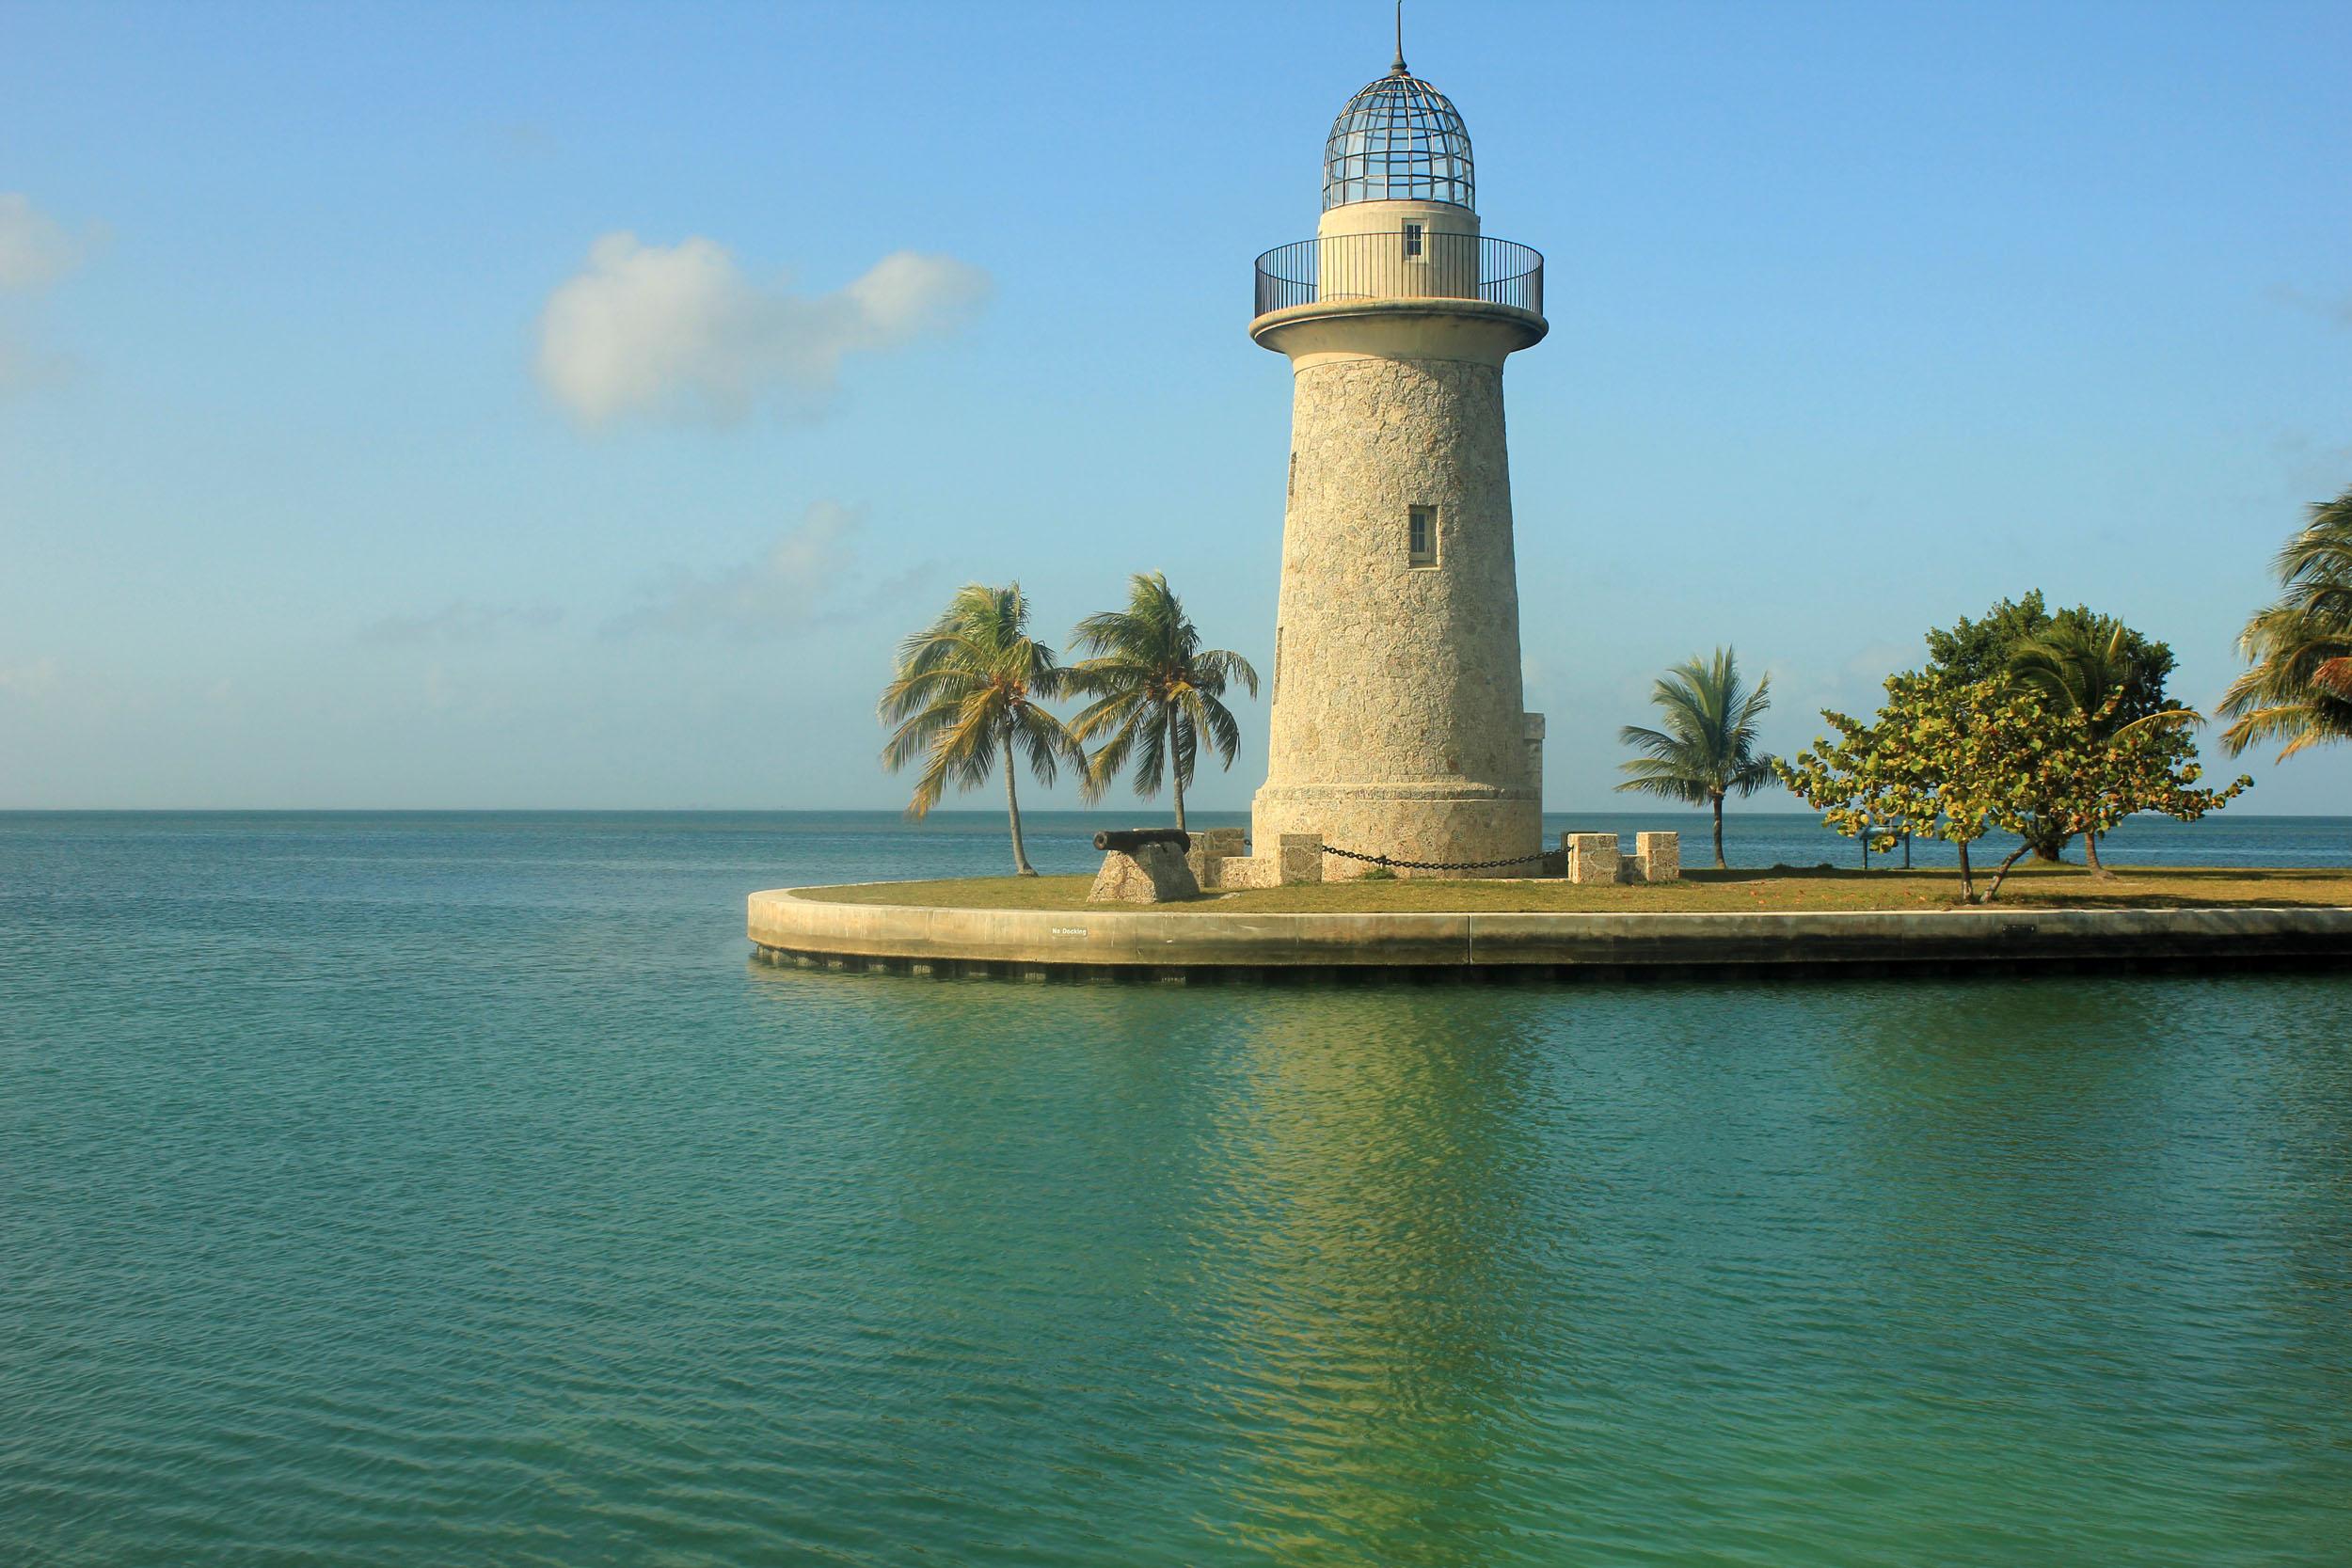 Lighthouse at Biscayne National Park, Florida.